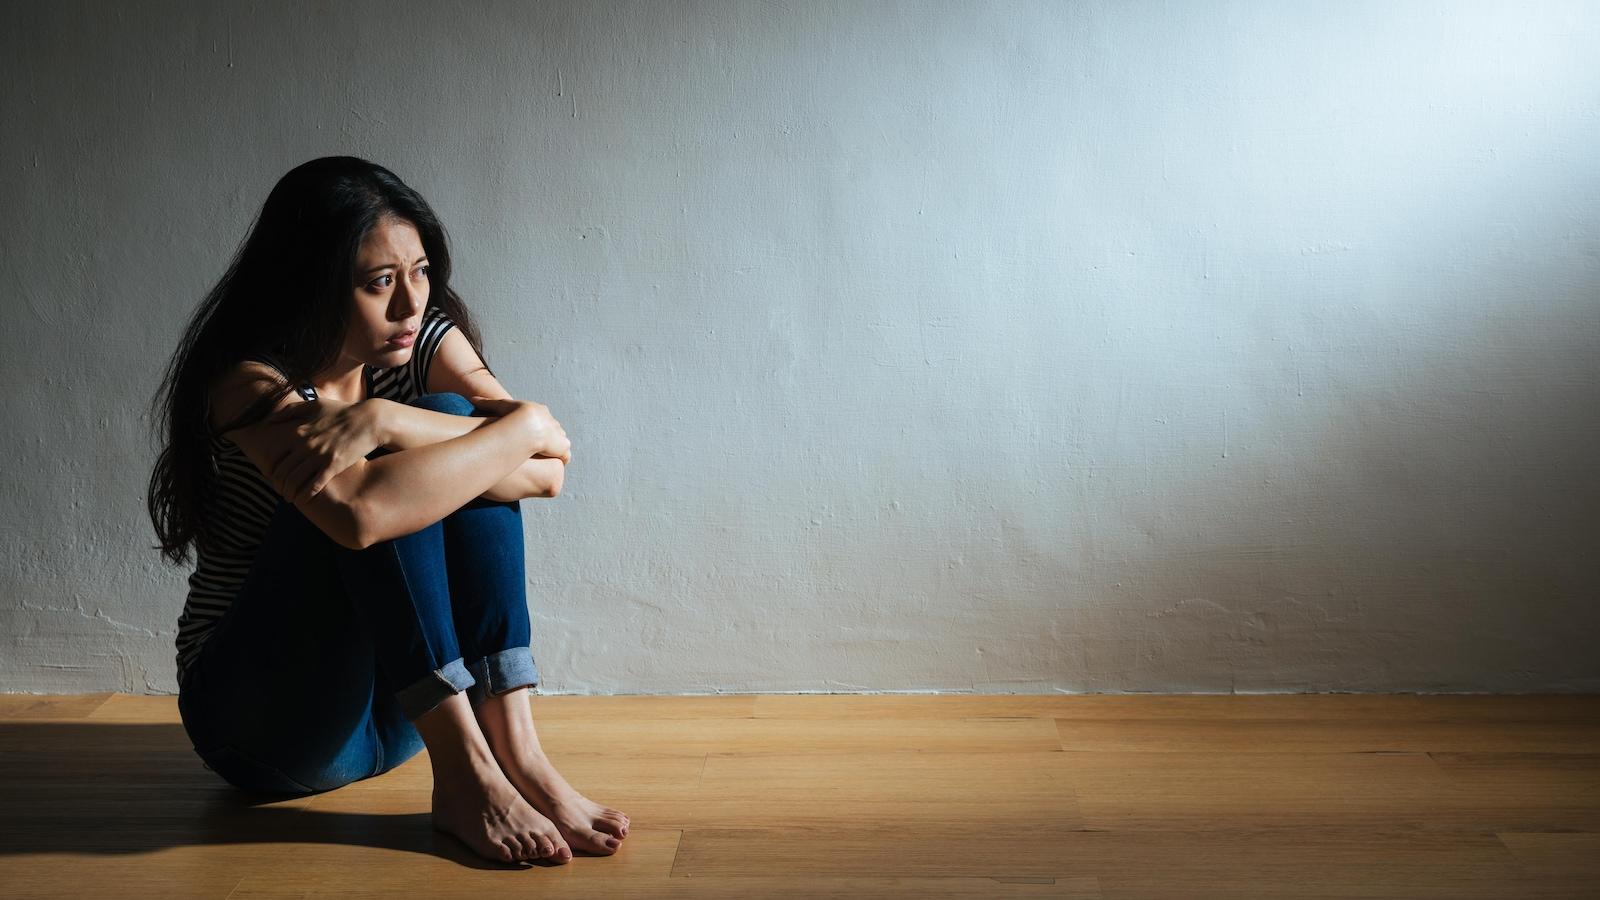 Une femme assise sur le sol dans une pièce vide.